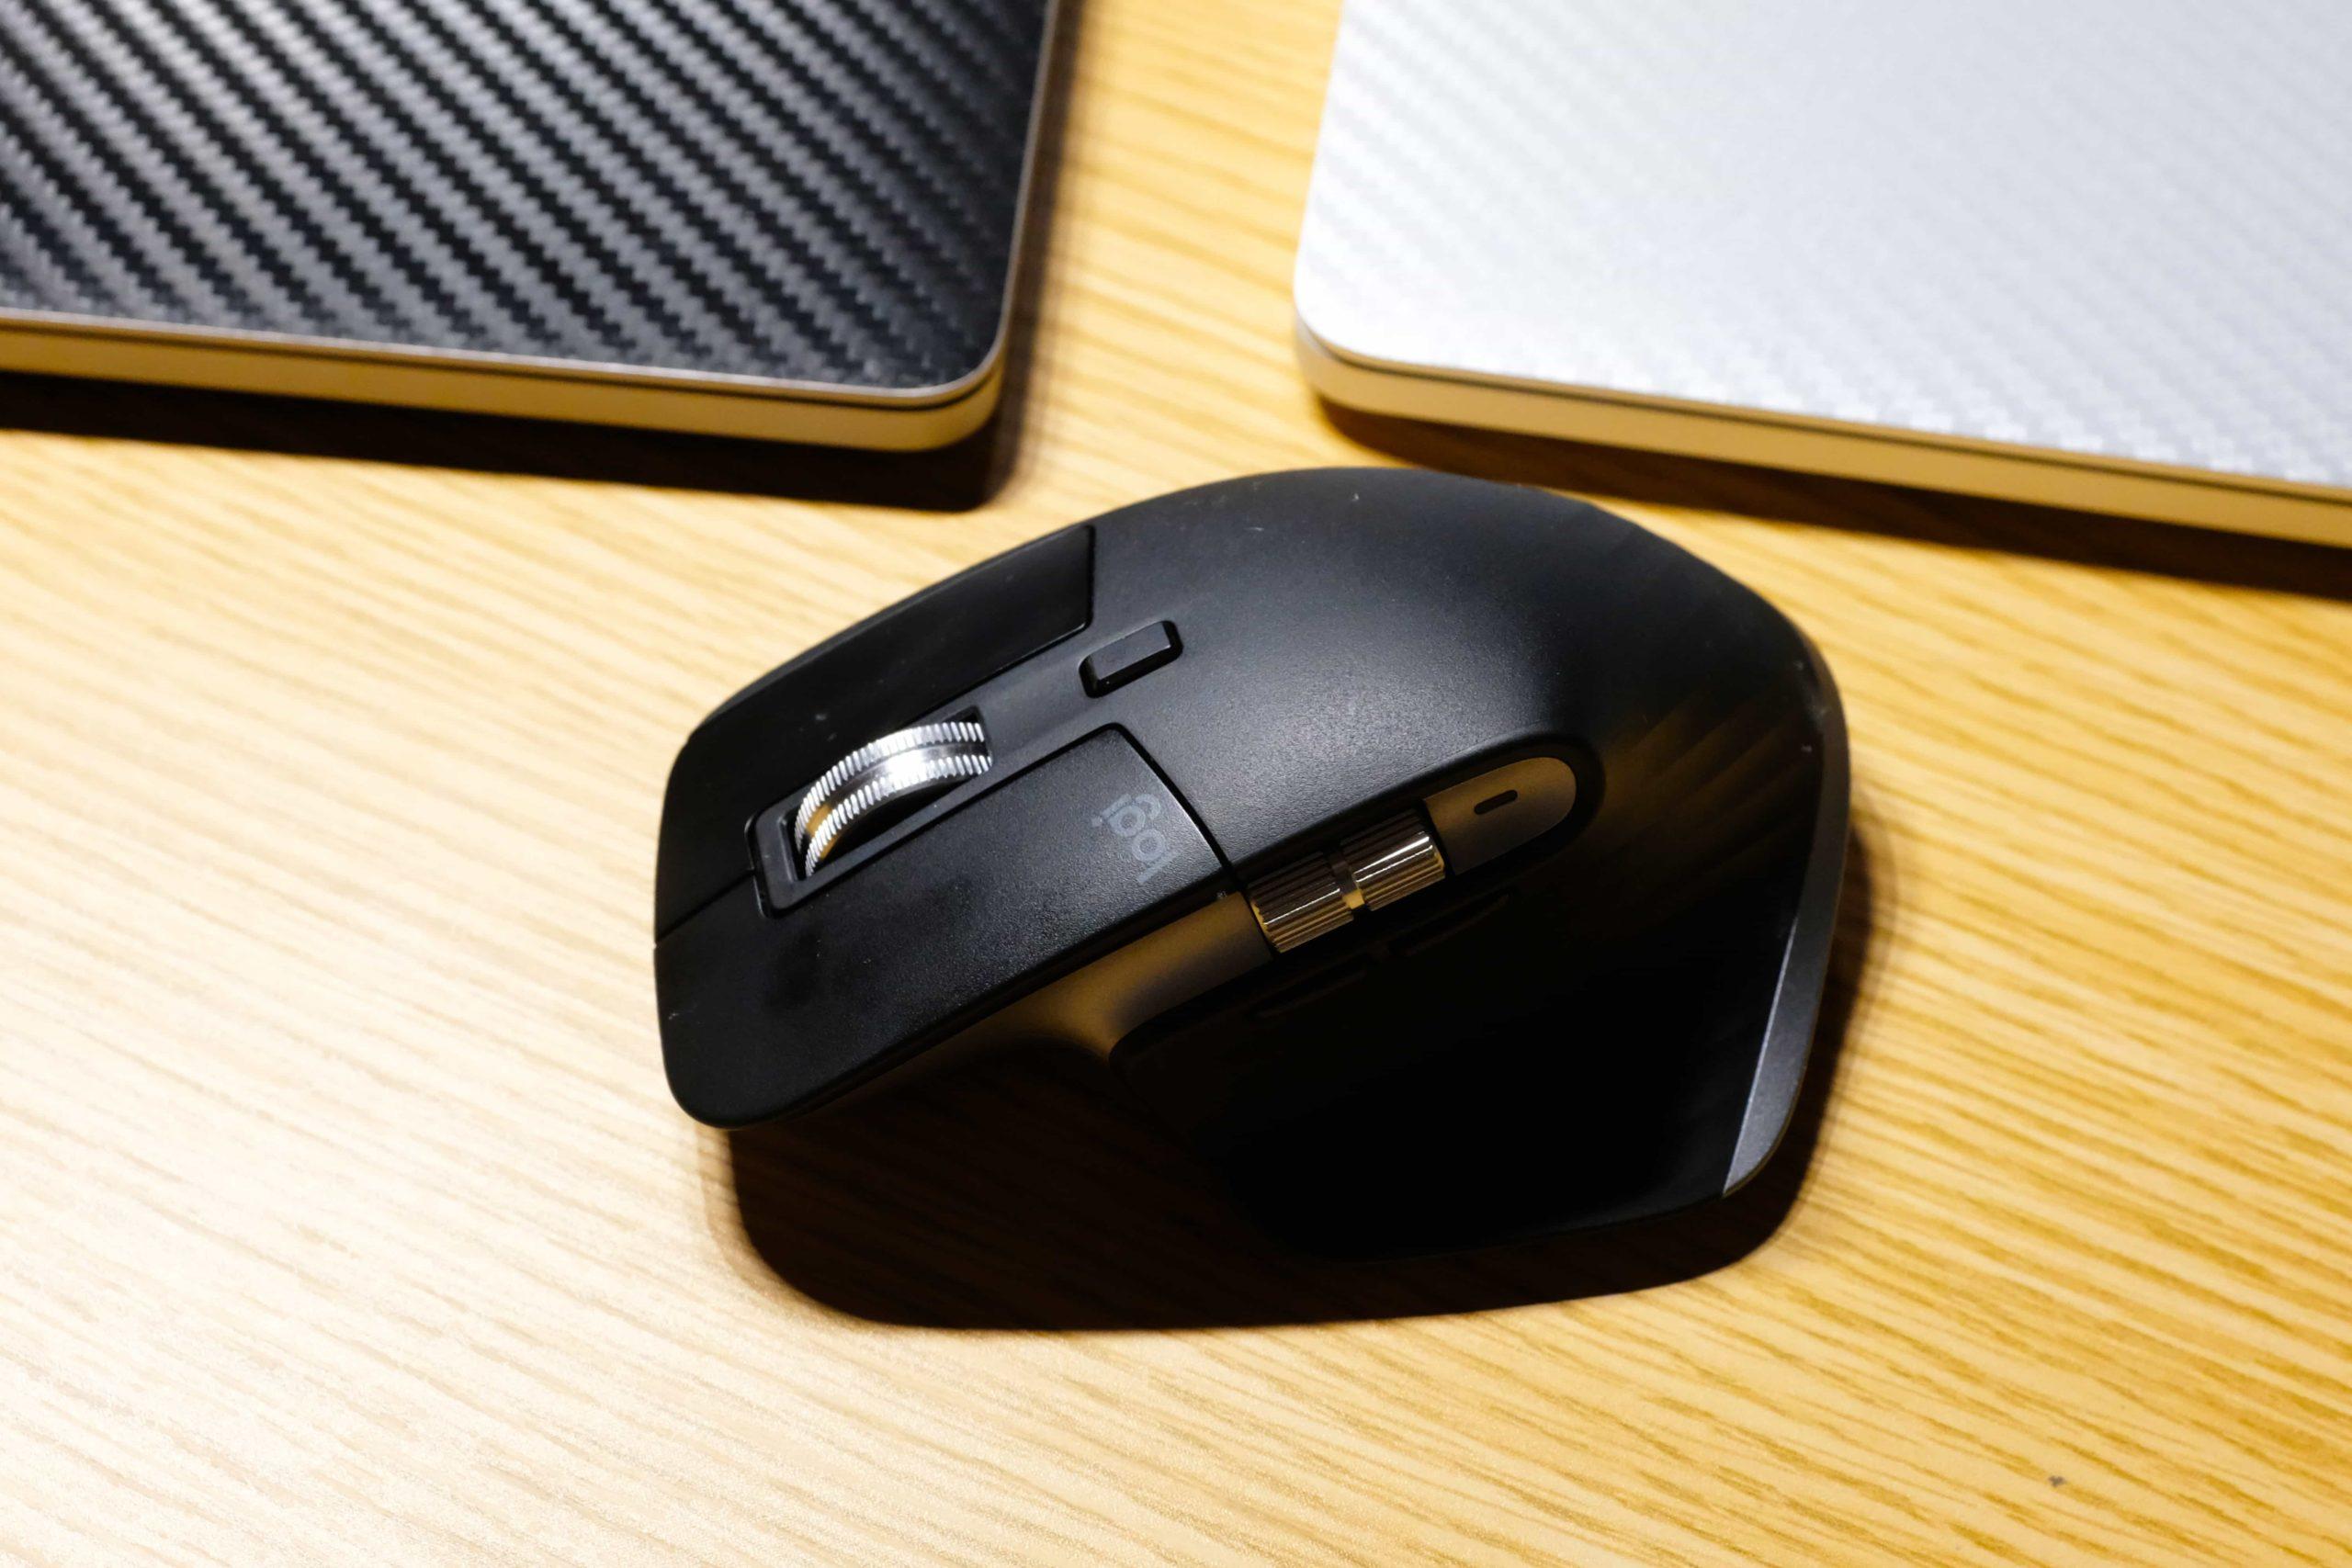 MX Master 3 ユーザーは MX Master 3 for Mac を買うべきか!?